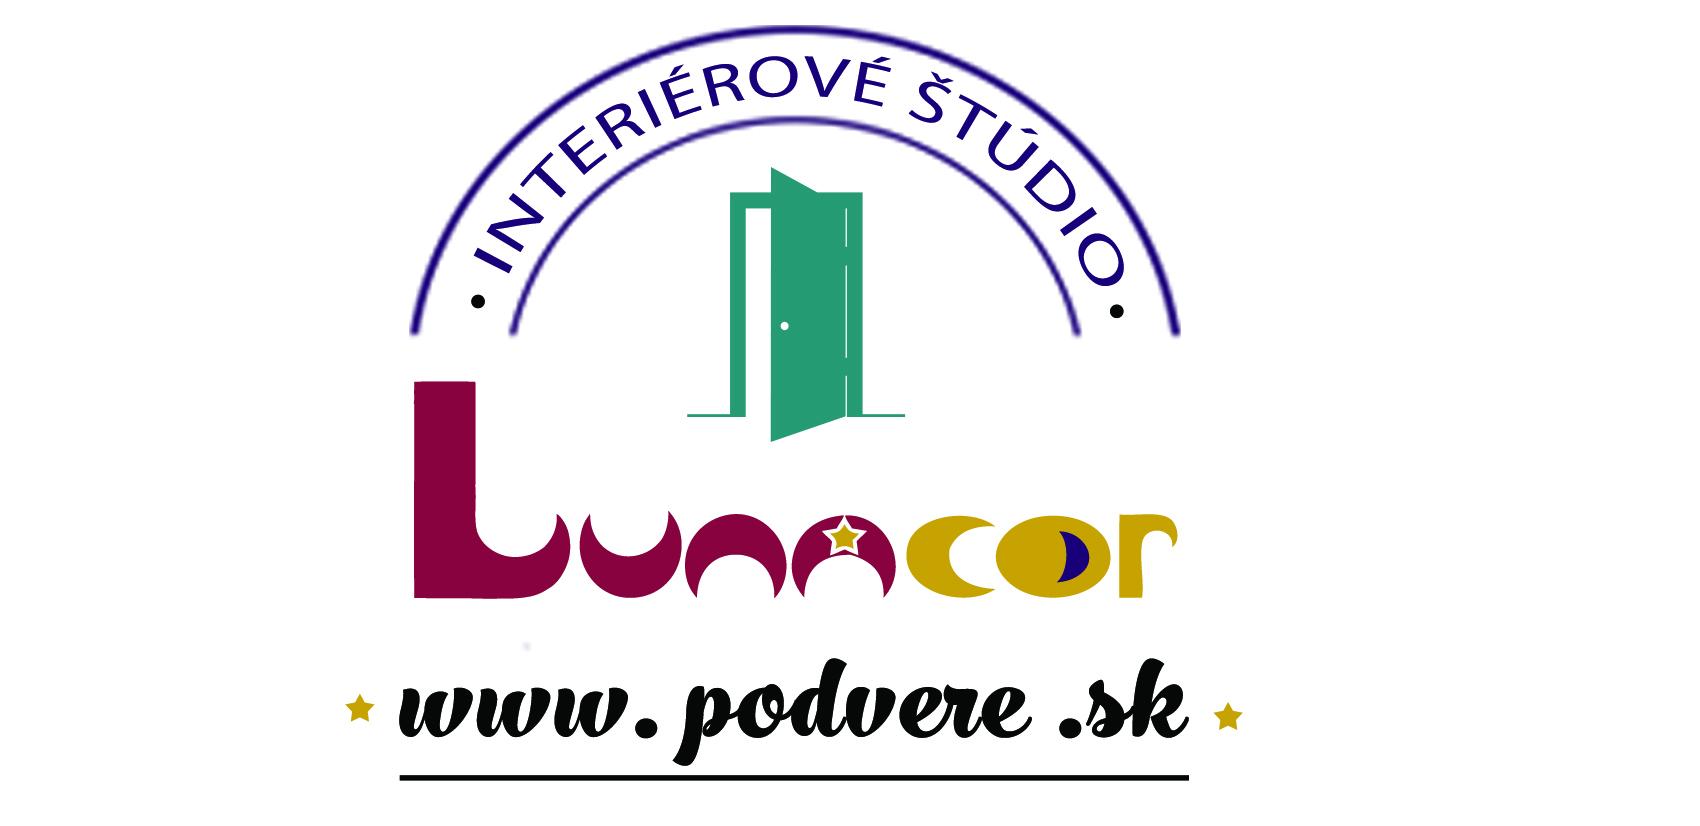 Lunacor PODVERE